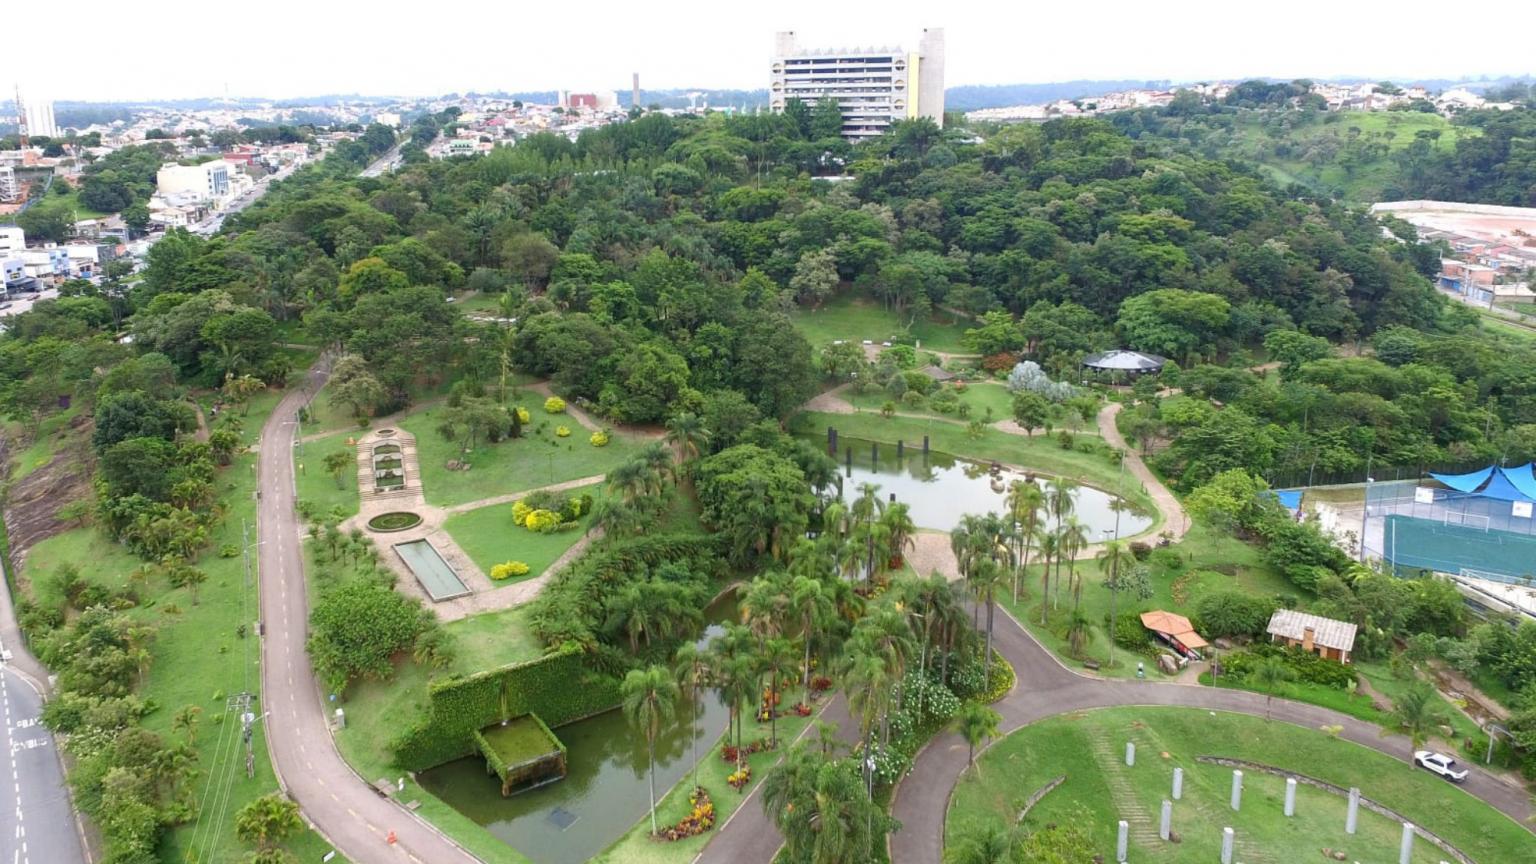 O Jardim Botânico de Jundiaí está entre os Jardins Mais Bonitos do Brasil e do Mundo